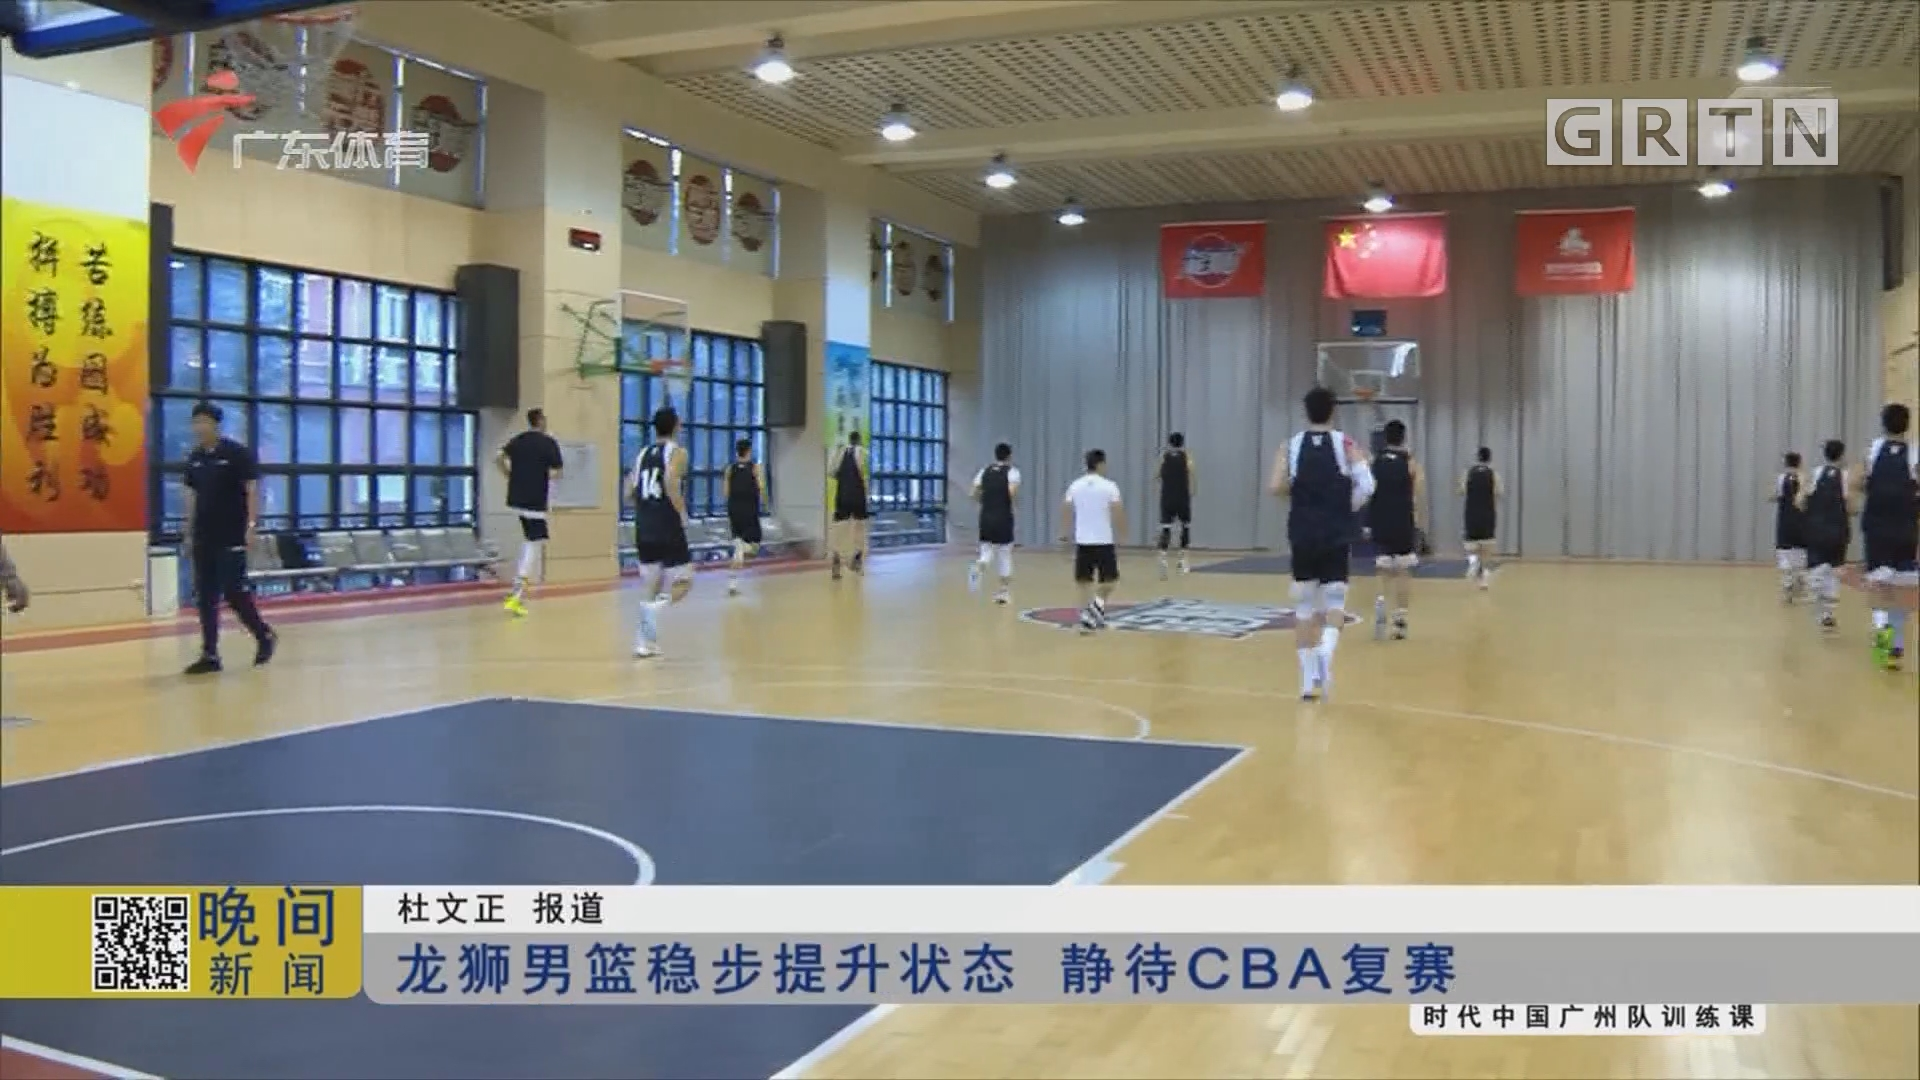 龙狮男篮稳步提升状态 静待CBA复赛